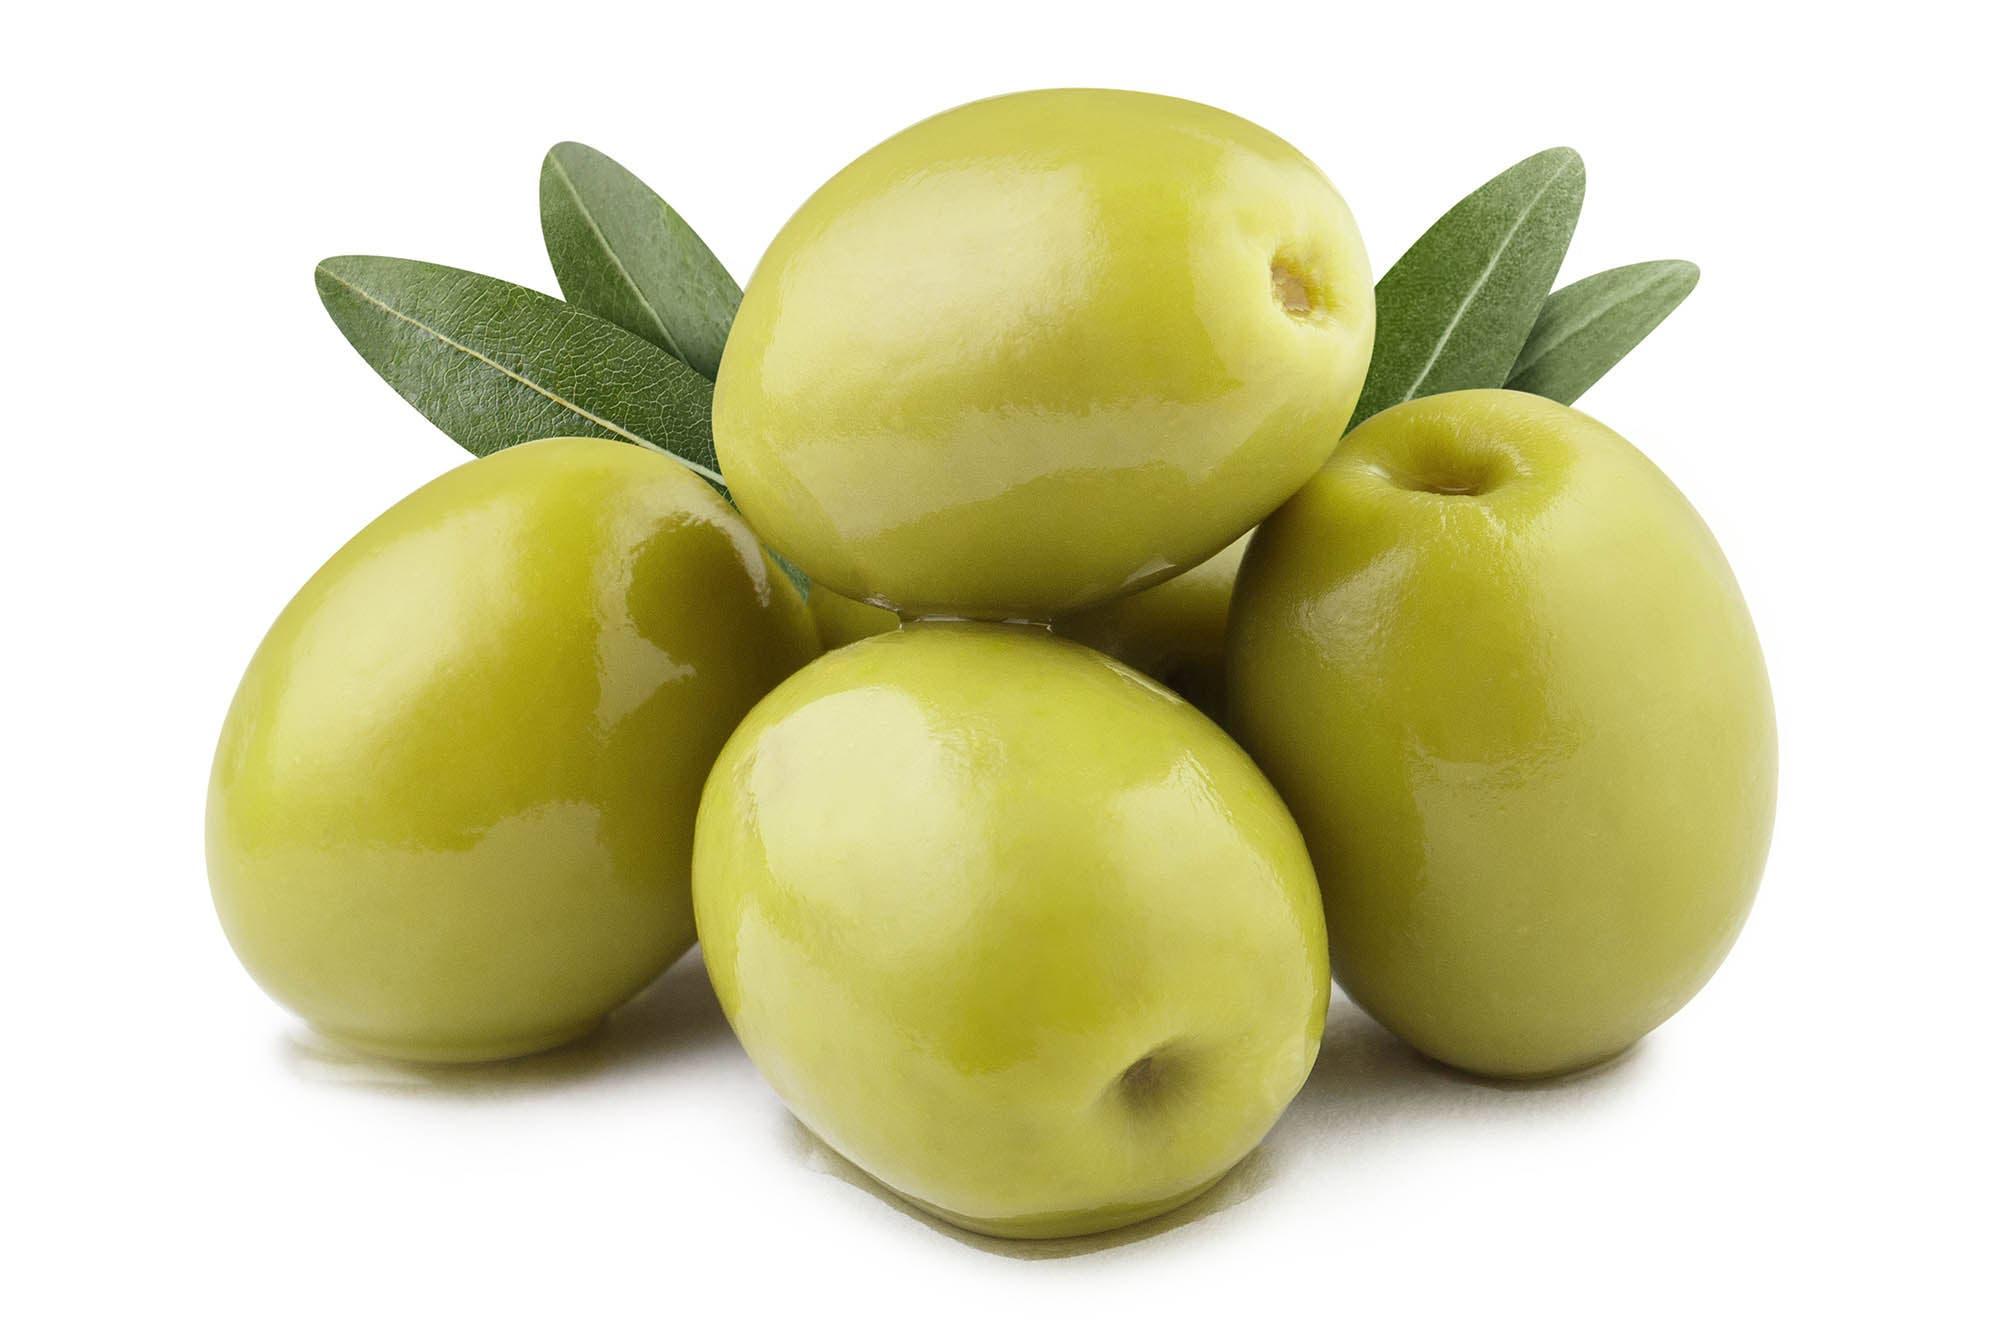 industria-olivicola:-un-descalce-que-afecta-su-potencial-productivo